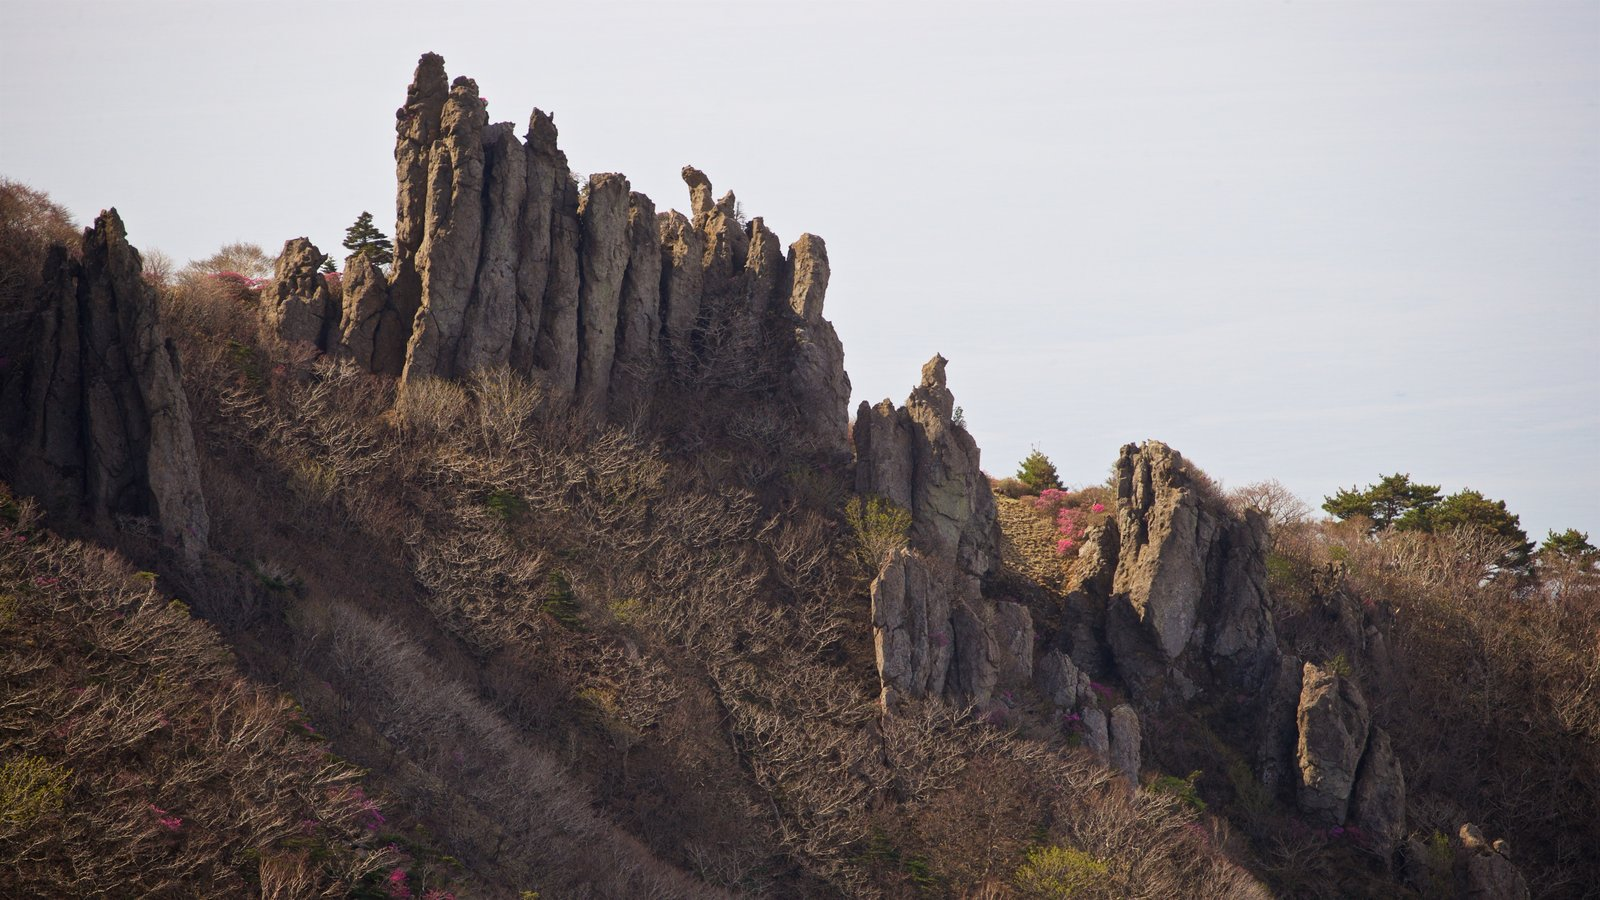 Parque Nacional de Hallasan ofreciendo escenas tranquilas